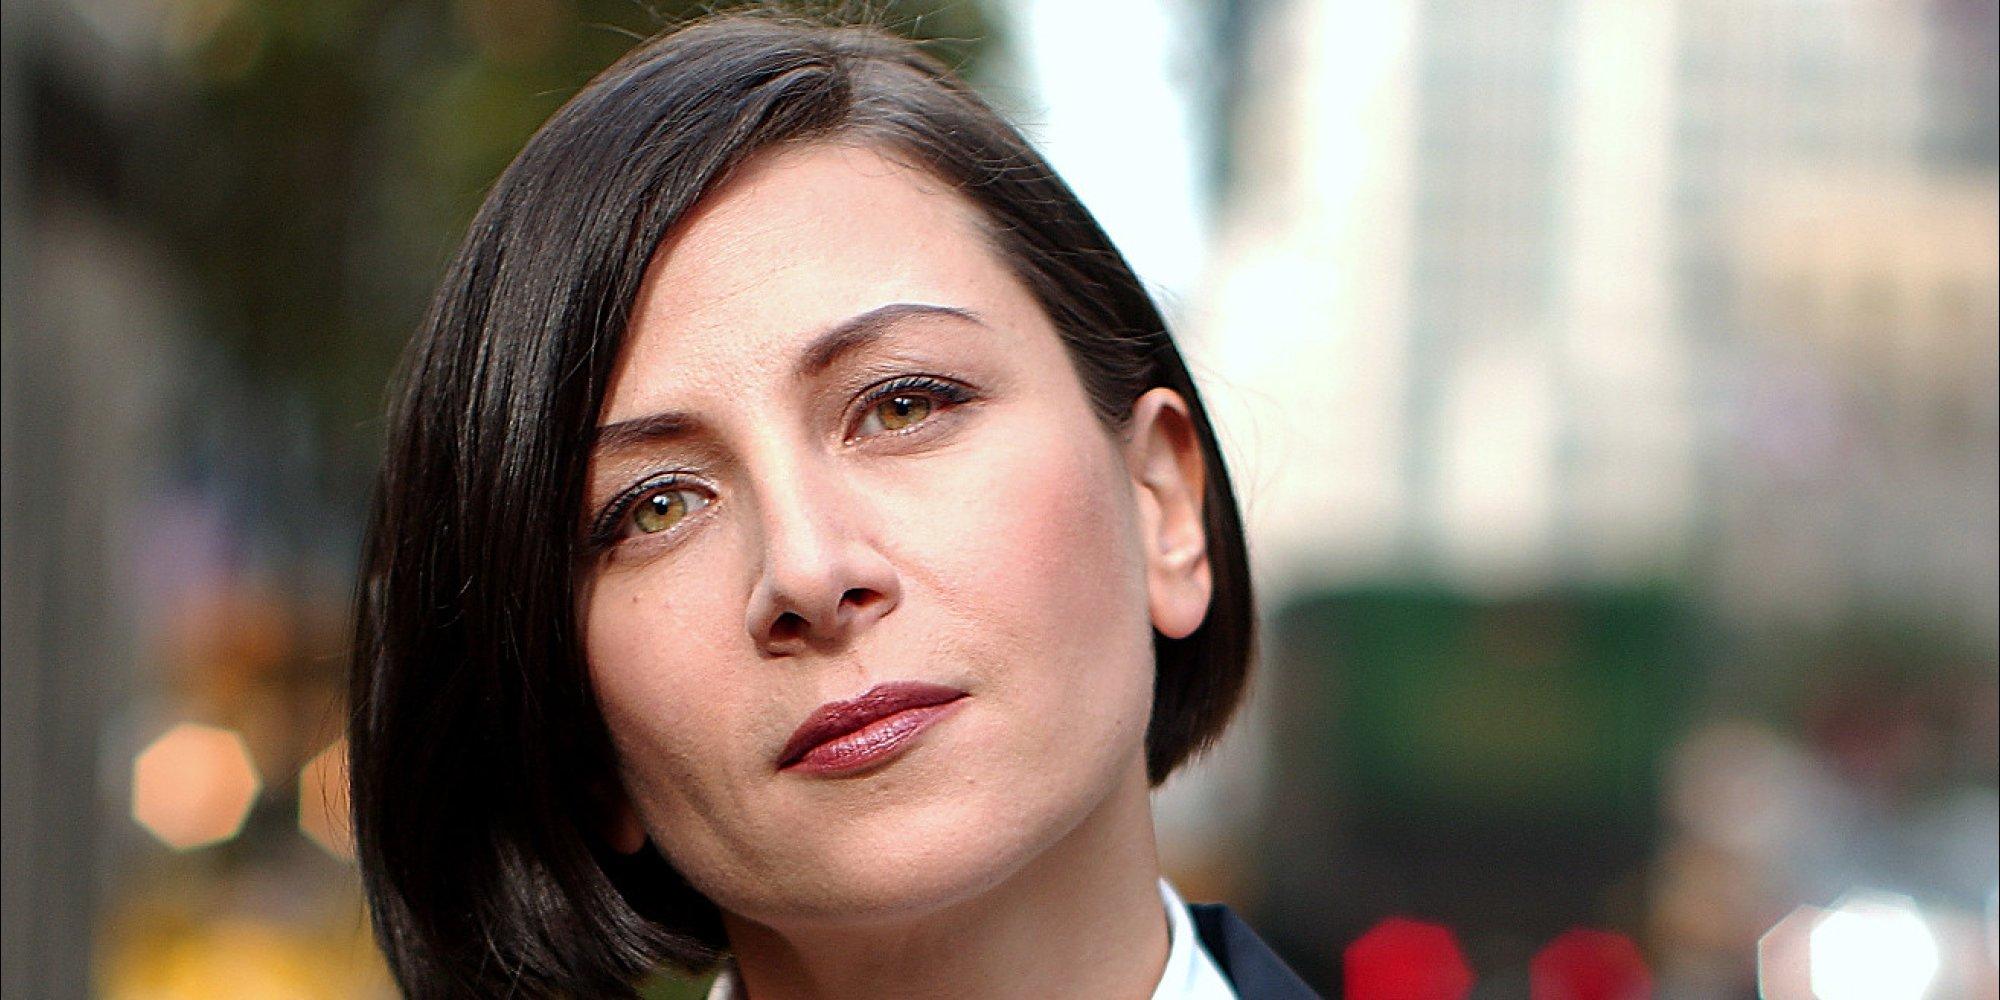 Η αμερικανίδα συγγραφέας Donna Tartt, νικήτρια του βραβείου Πούλιτζερ για την «Καρδερίνα»